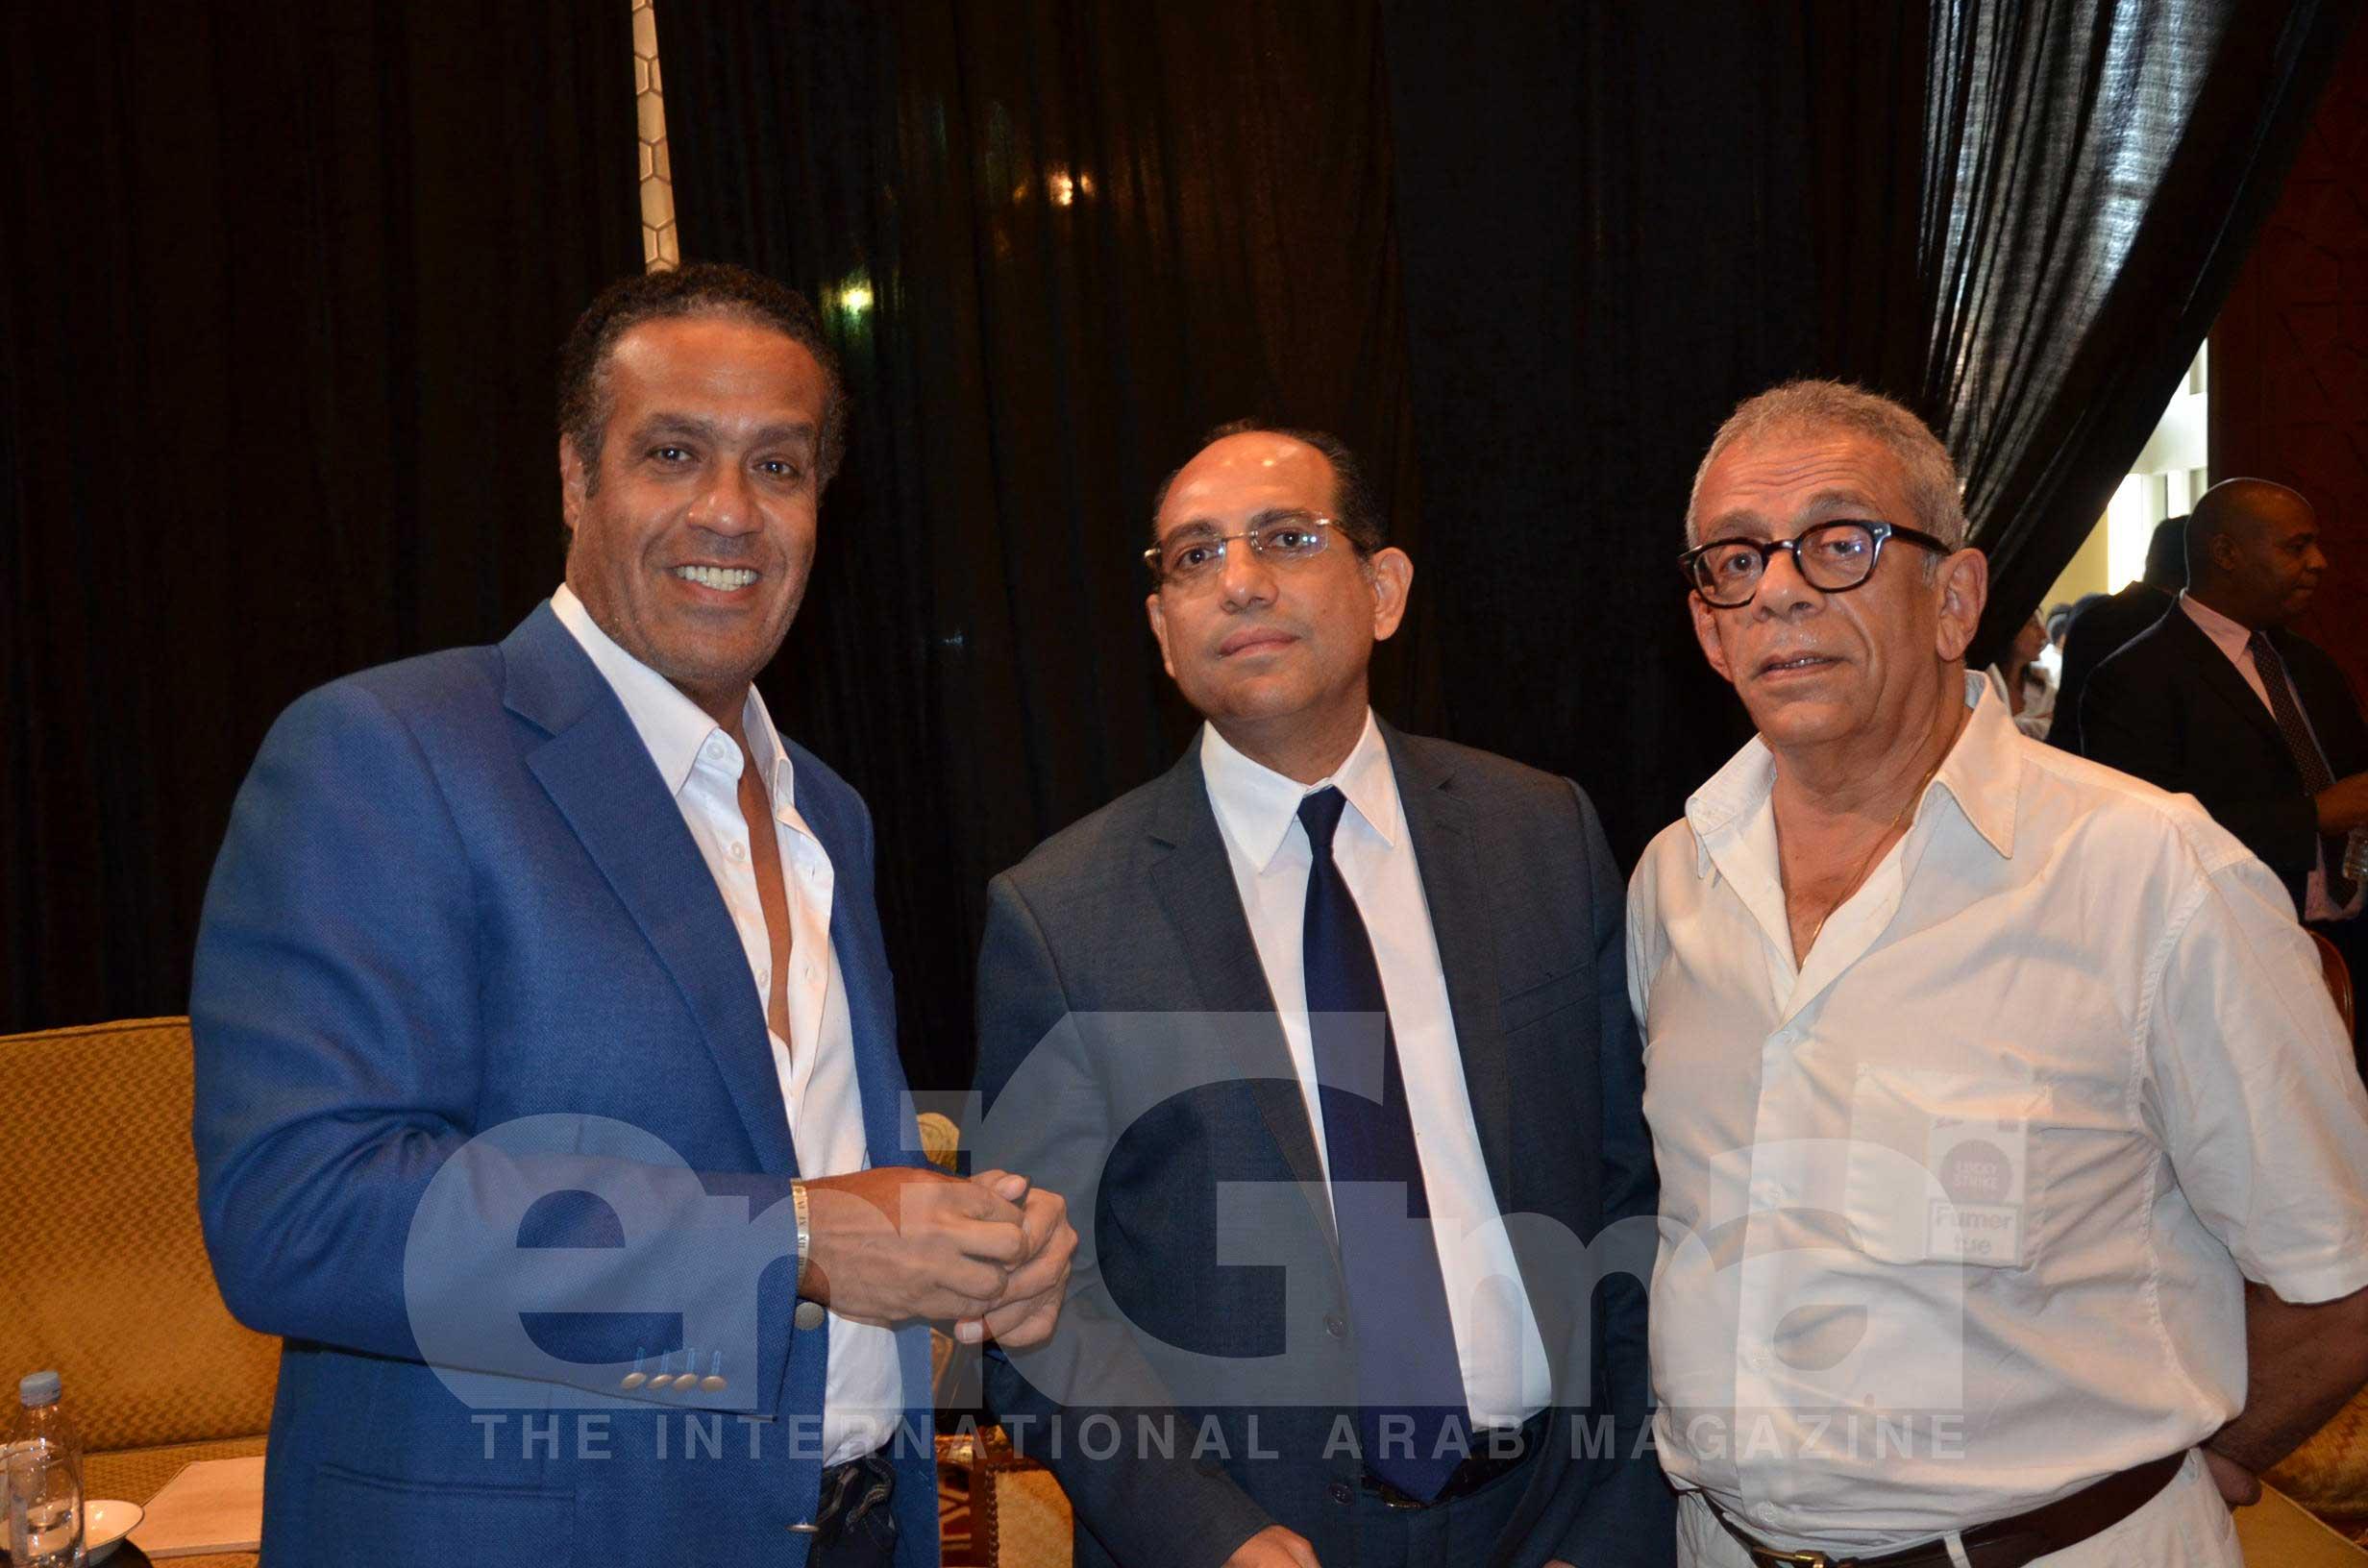 Mr.-Gamal-El-Adl,-Dr.-Khaled-Abdelgelil-&-Mr.-Yousry-Nasrallah